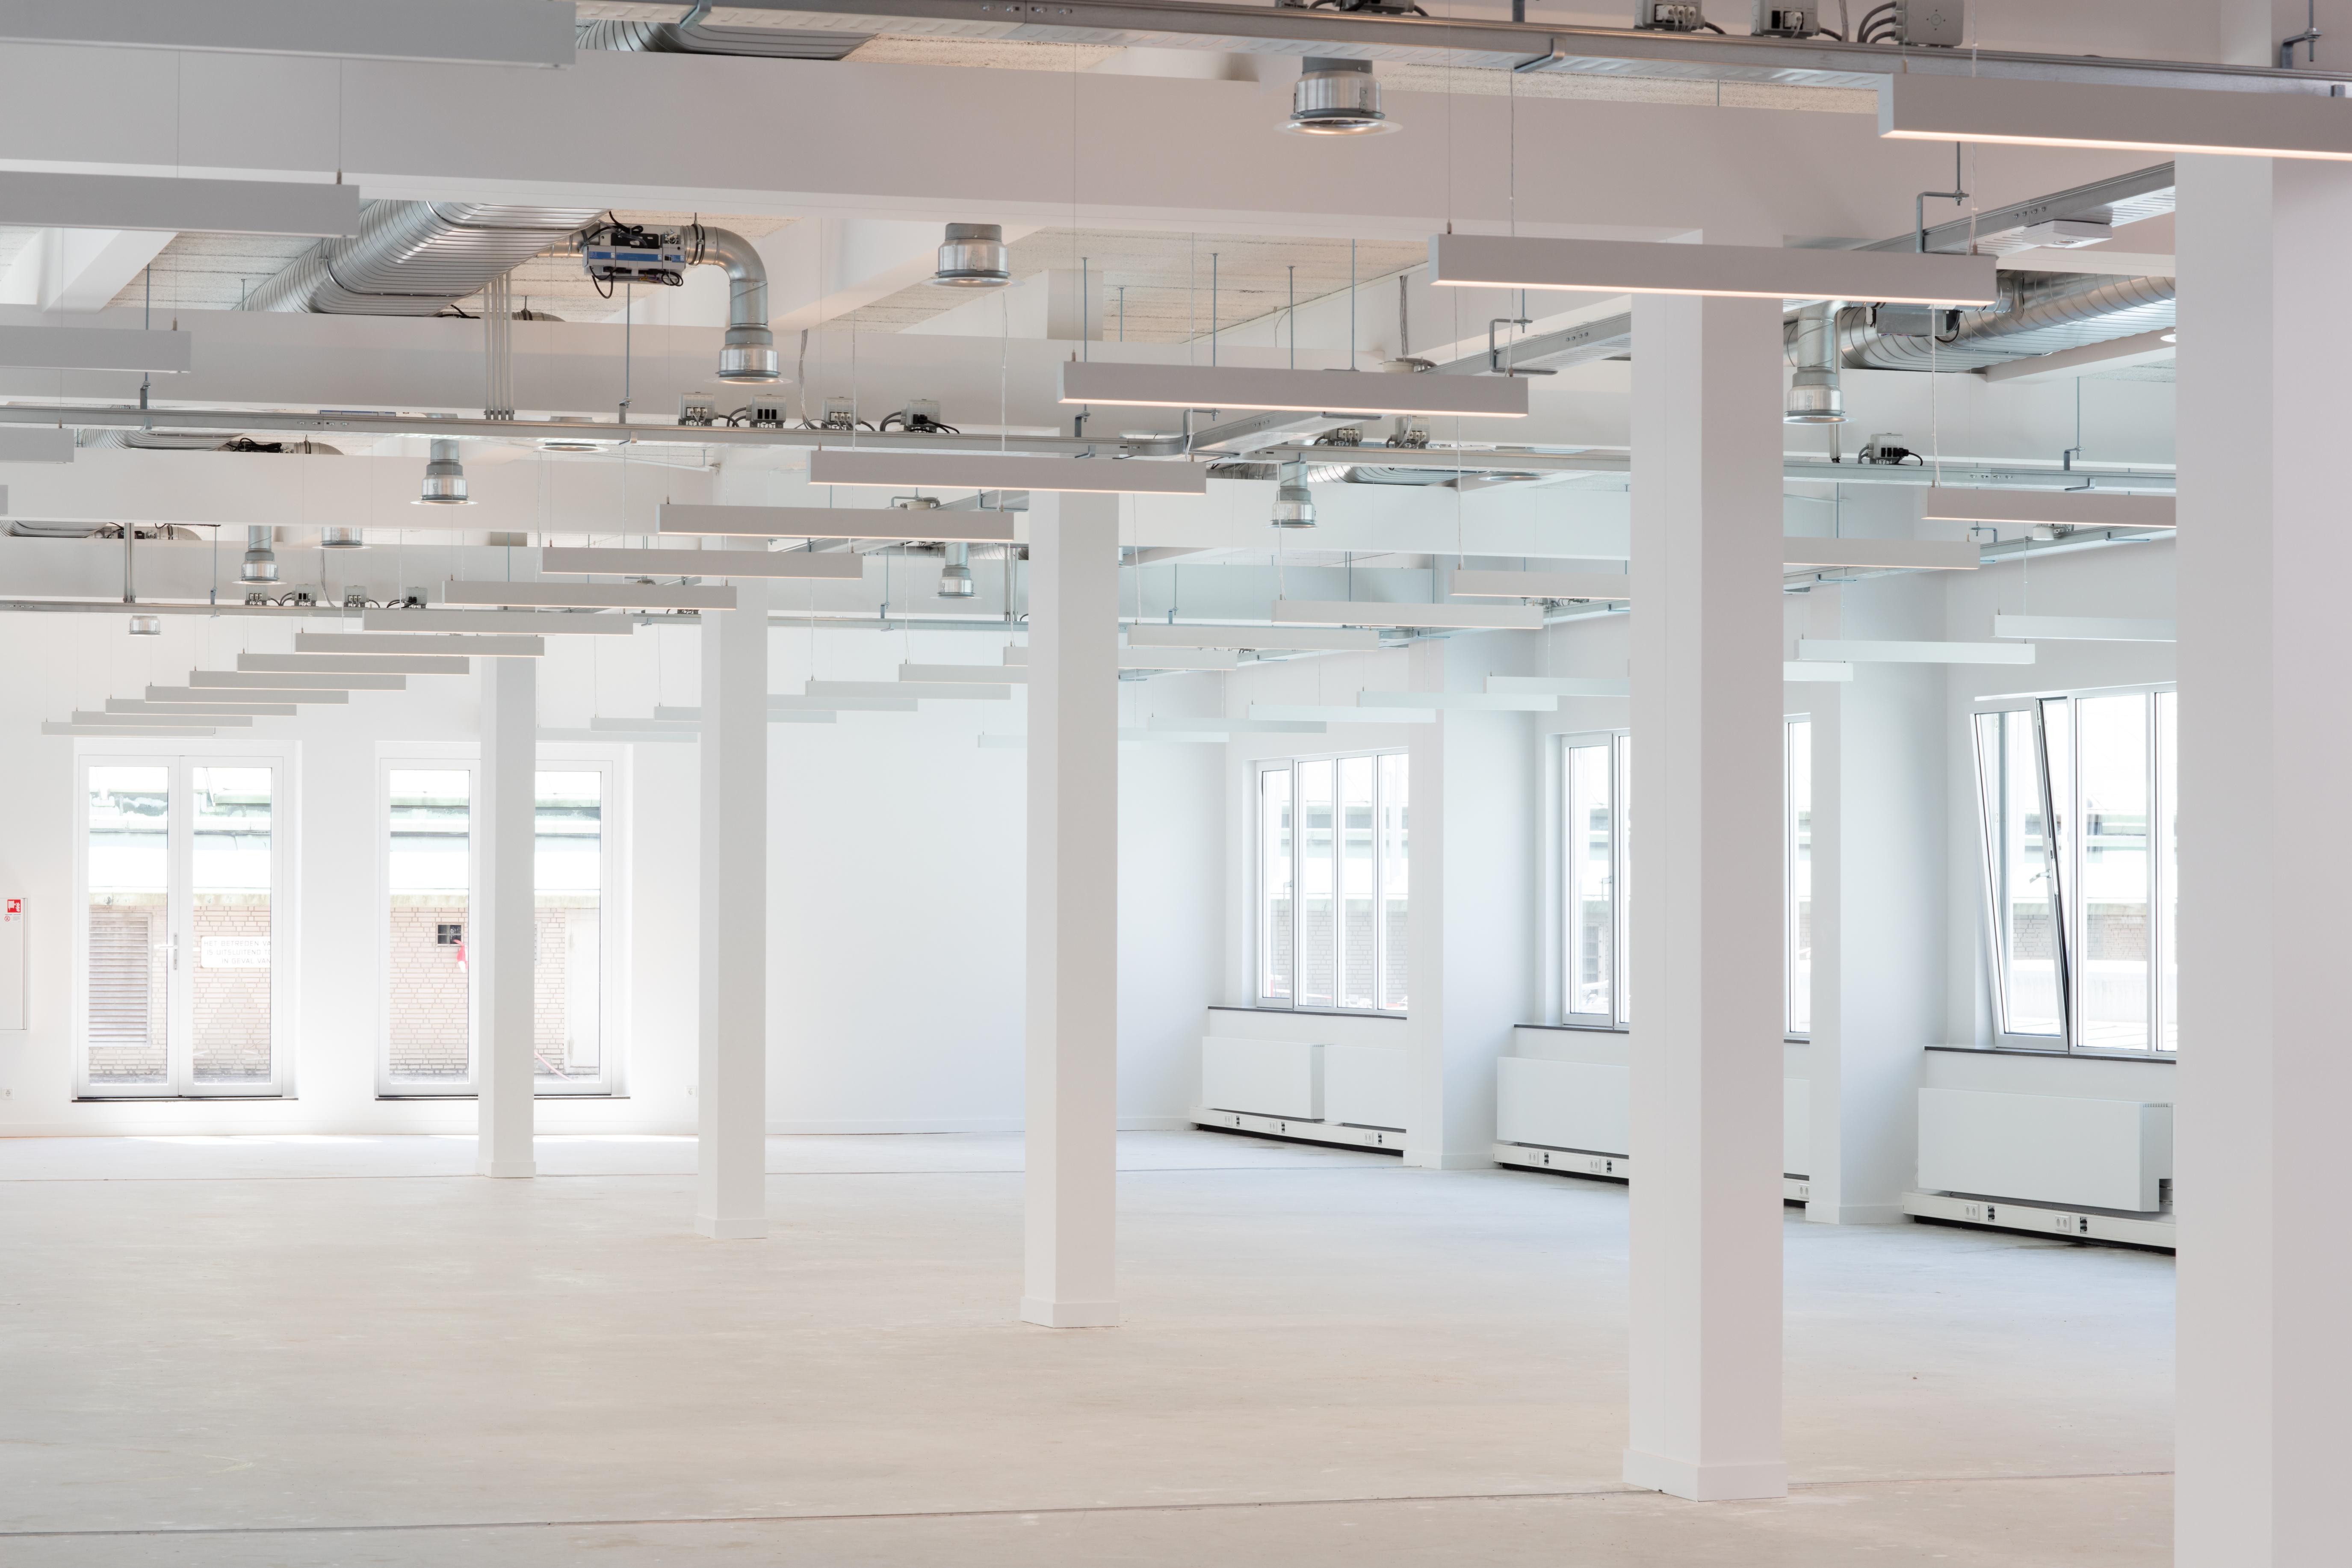 Gerenoveerde kantoorruimte in de laagbouw van WTC Rotterdam